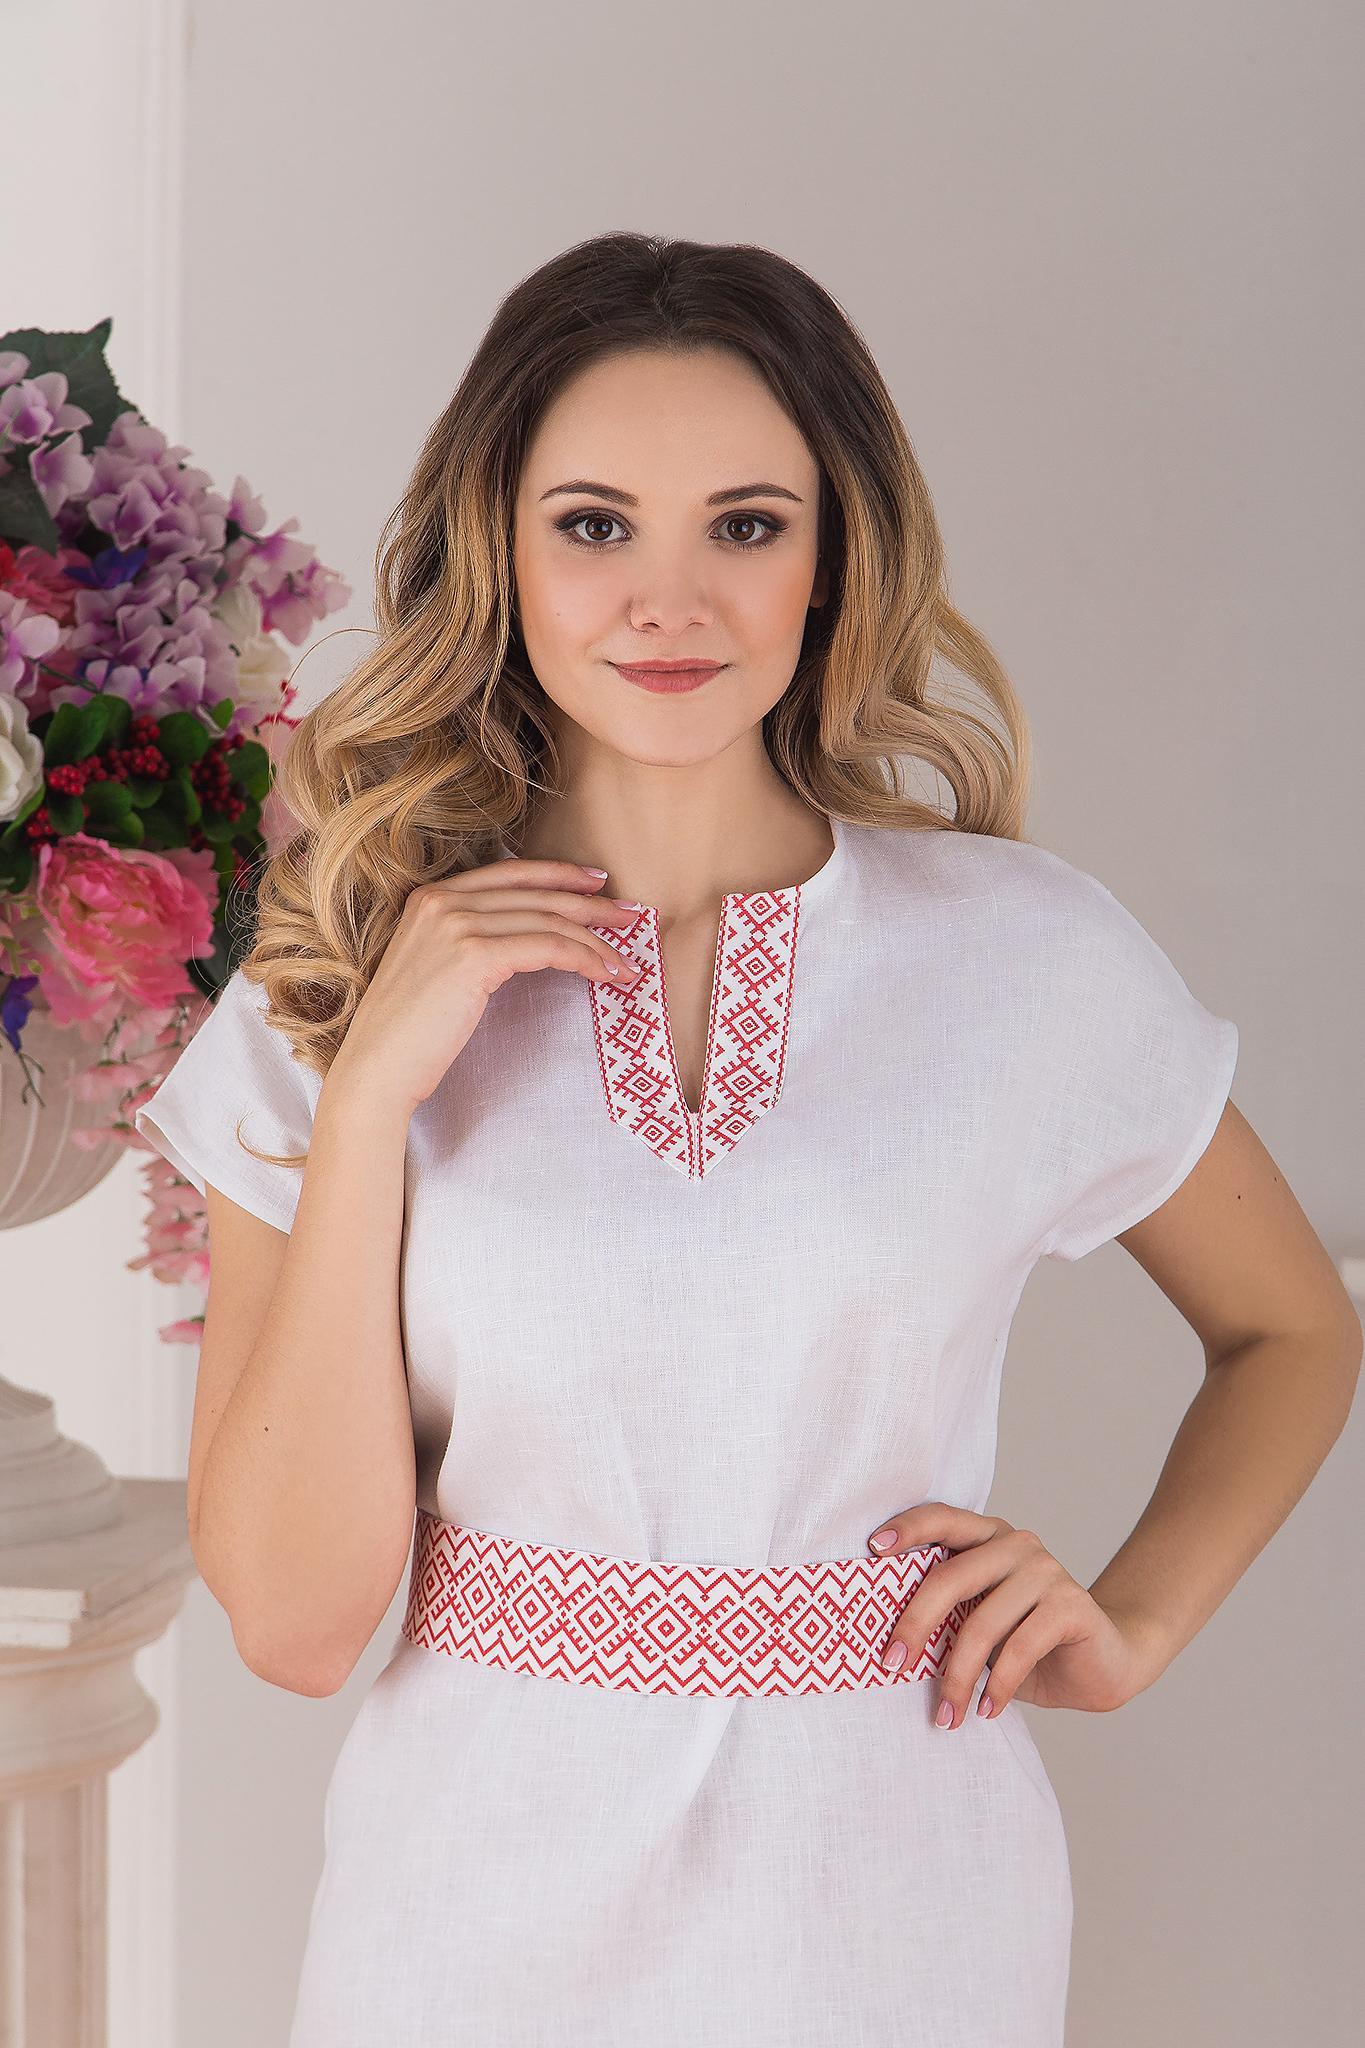 Платье льняное современное белое купить магазин Иванка приближенный фрагмент